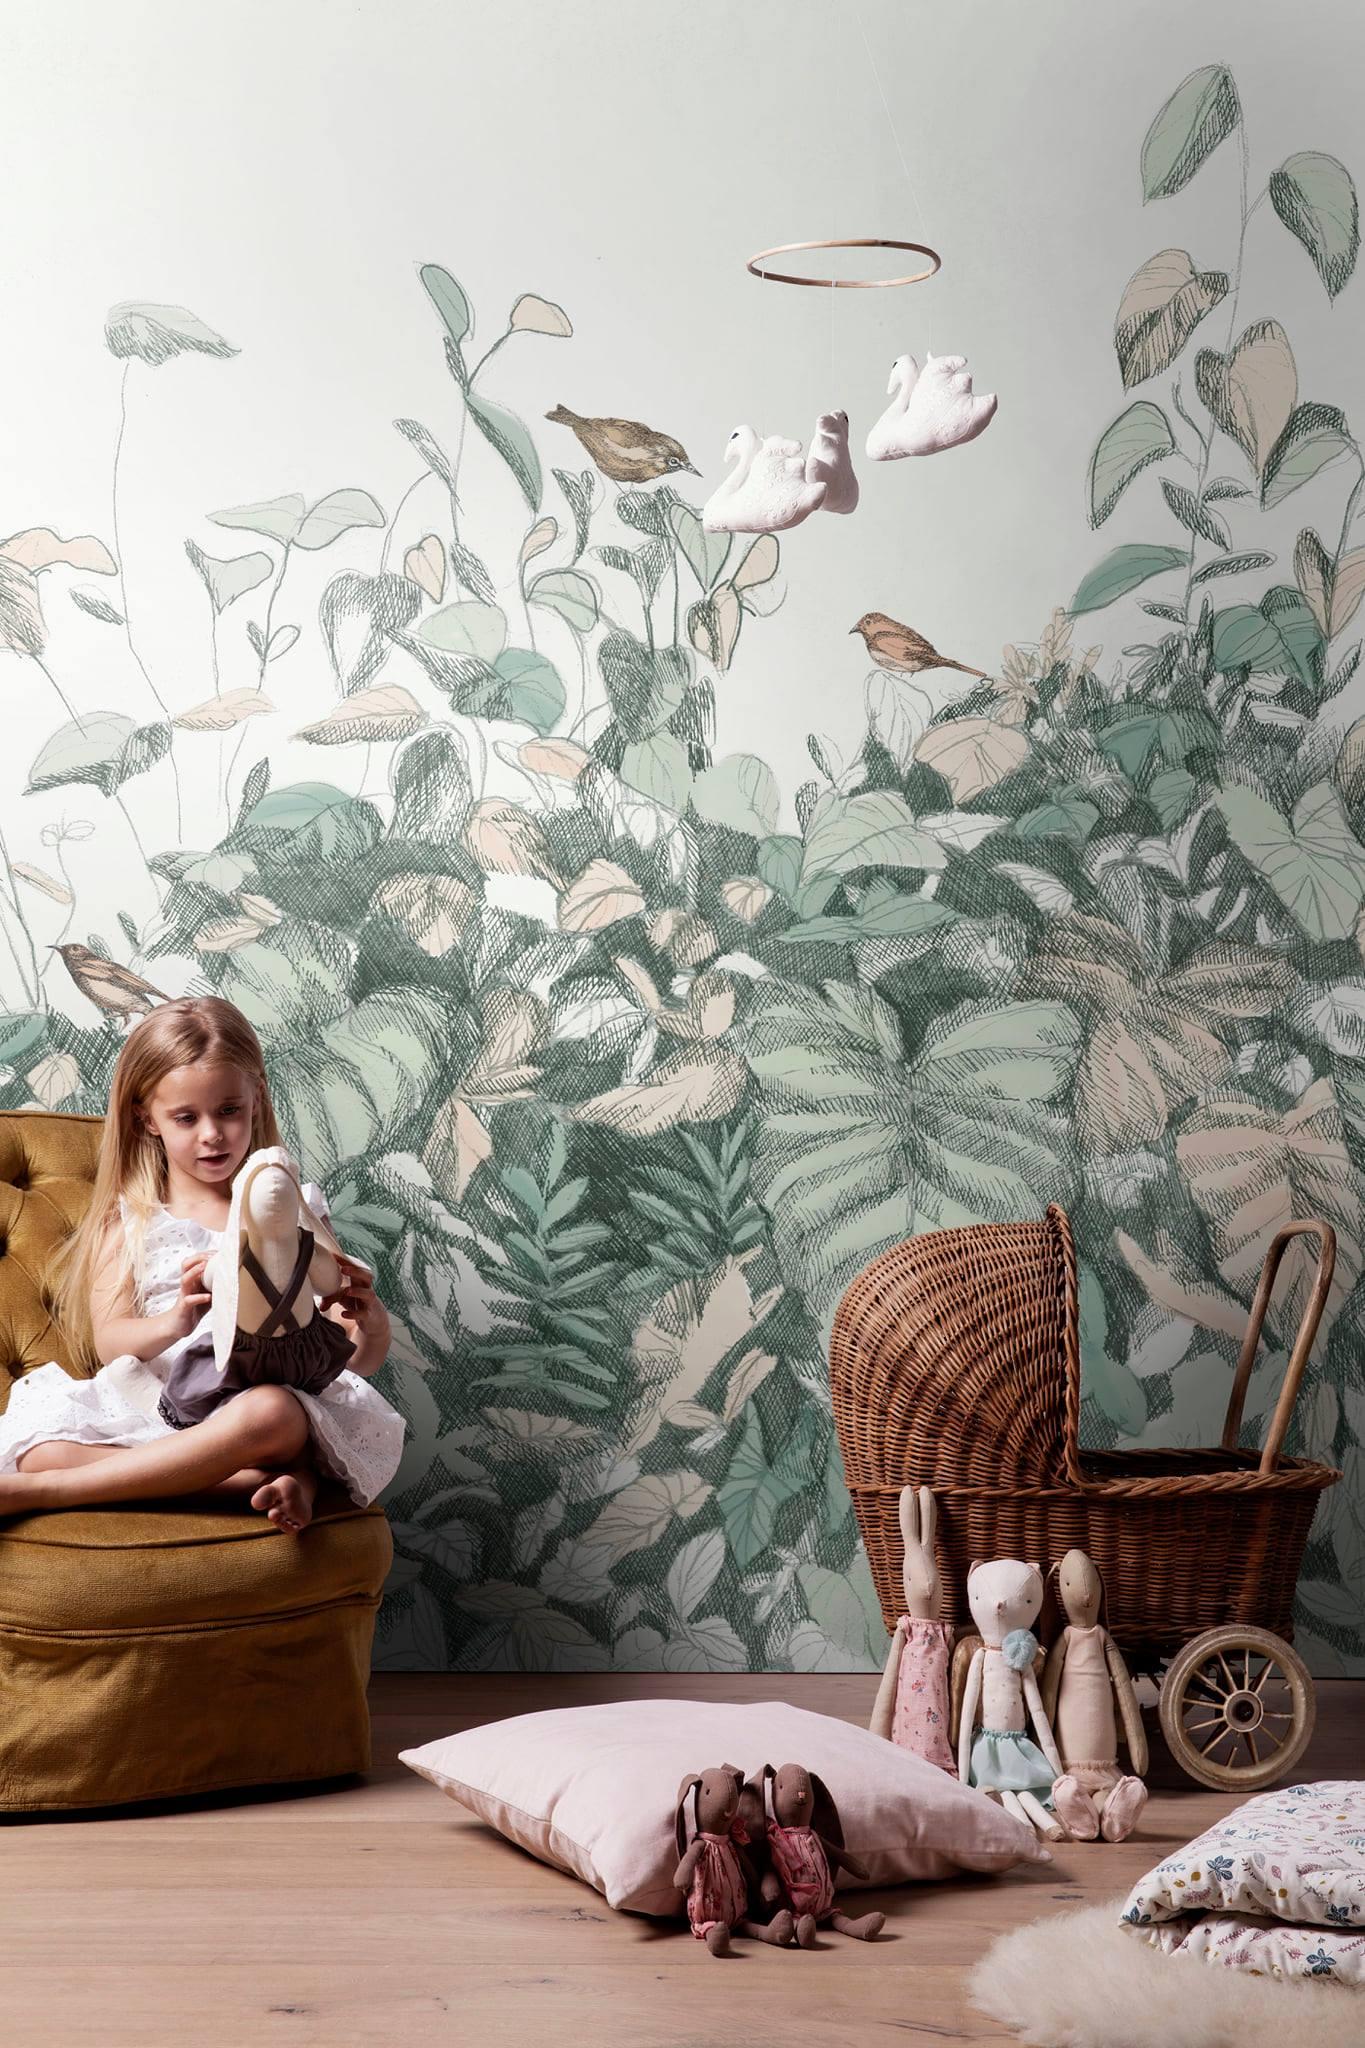 Papel pintado: una tendencia que hace de nuestro hogar un lugar único 5